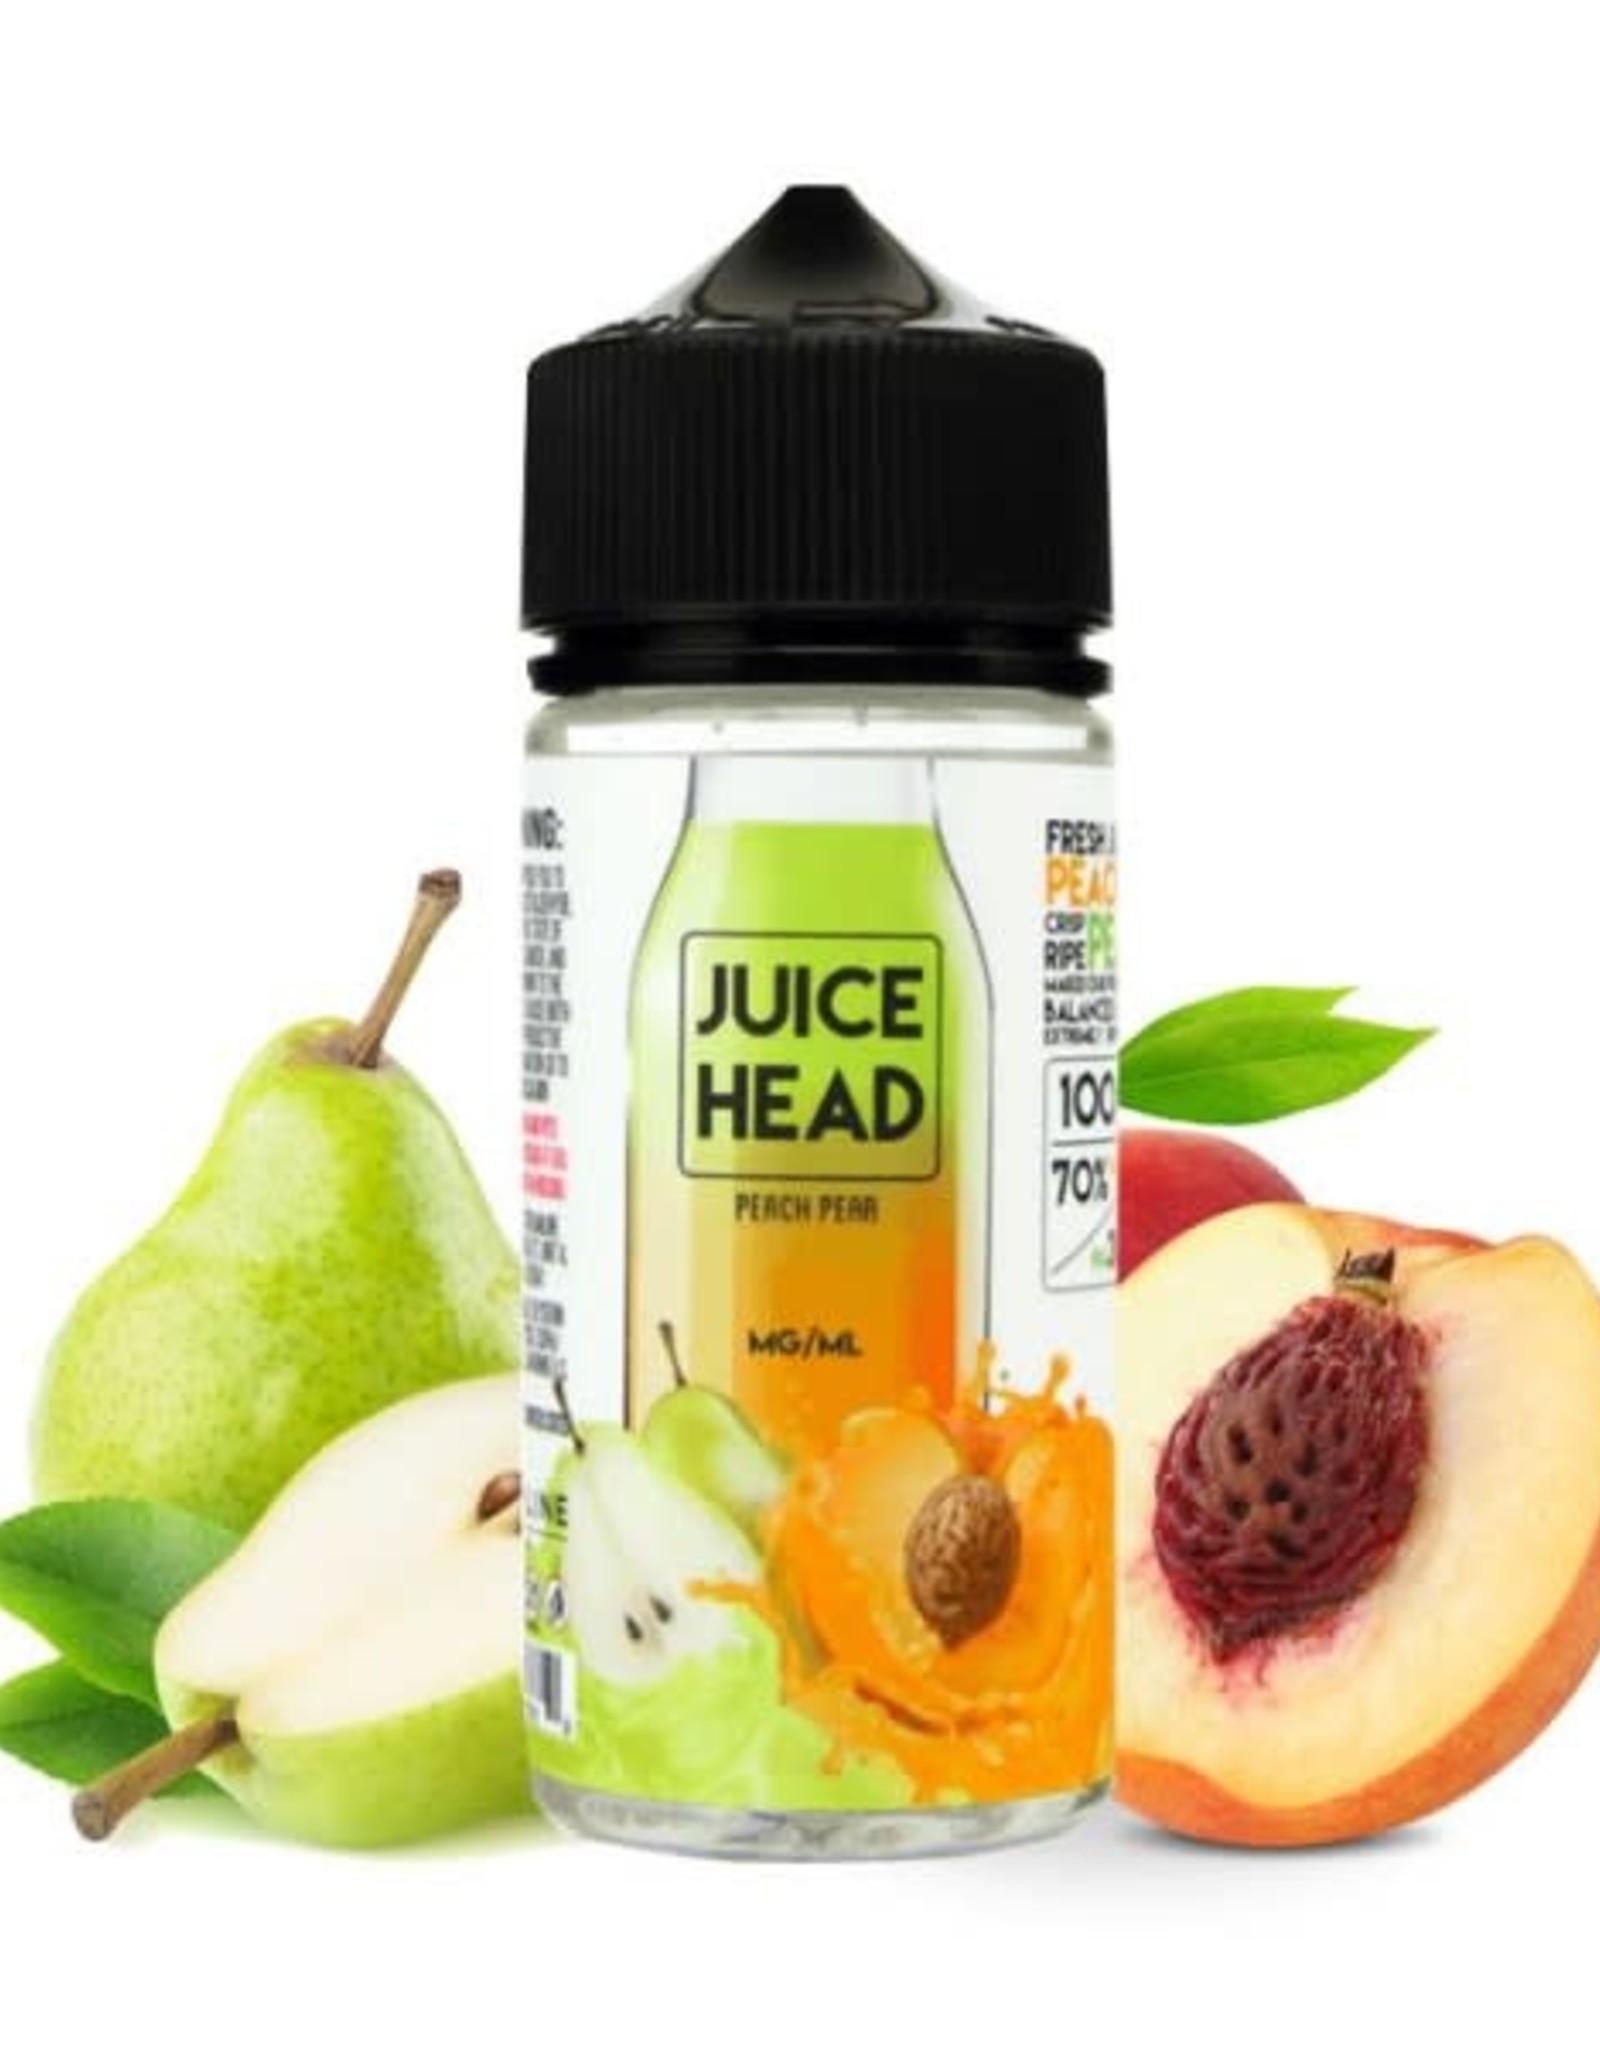 Juice Head Juice Head - Peach Pear 100ml